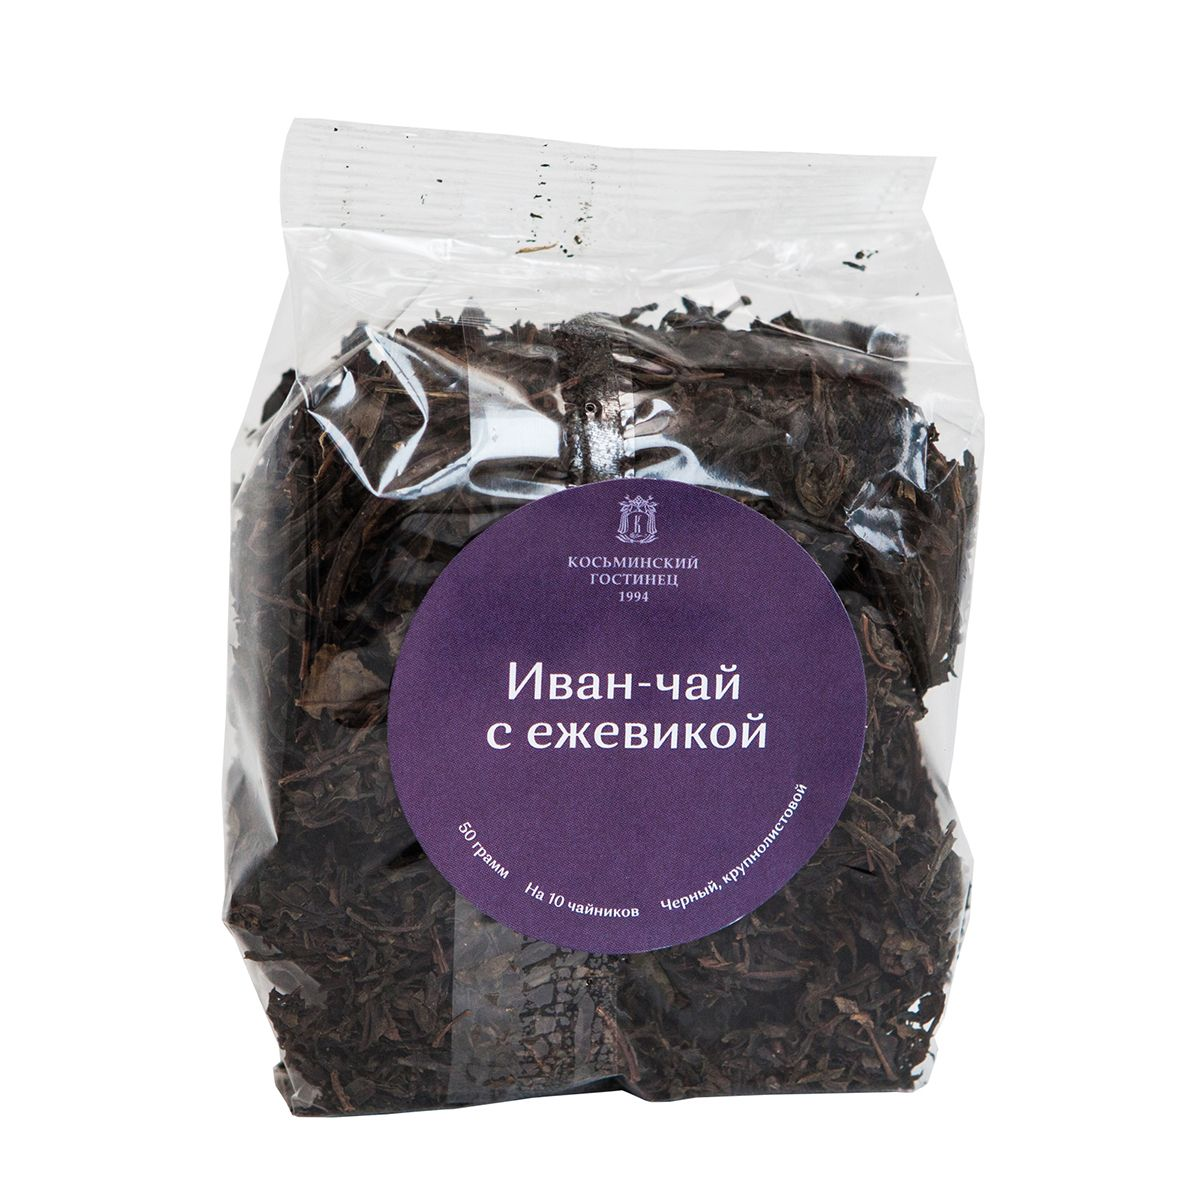 Иван-чай крупнолистовой с ежевикой 50 г